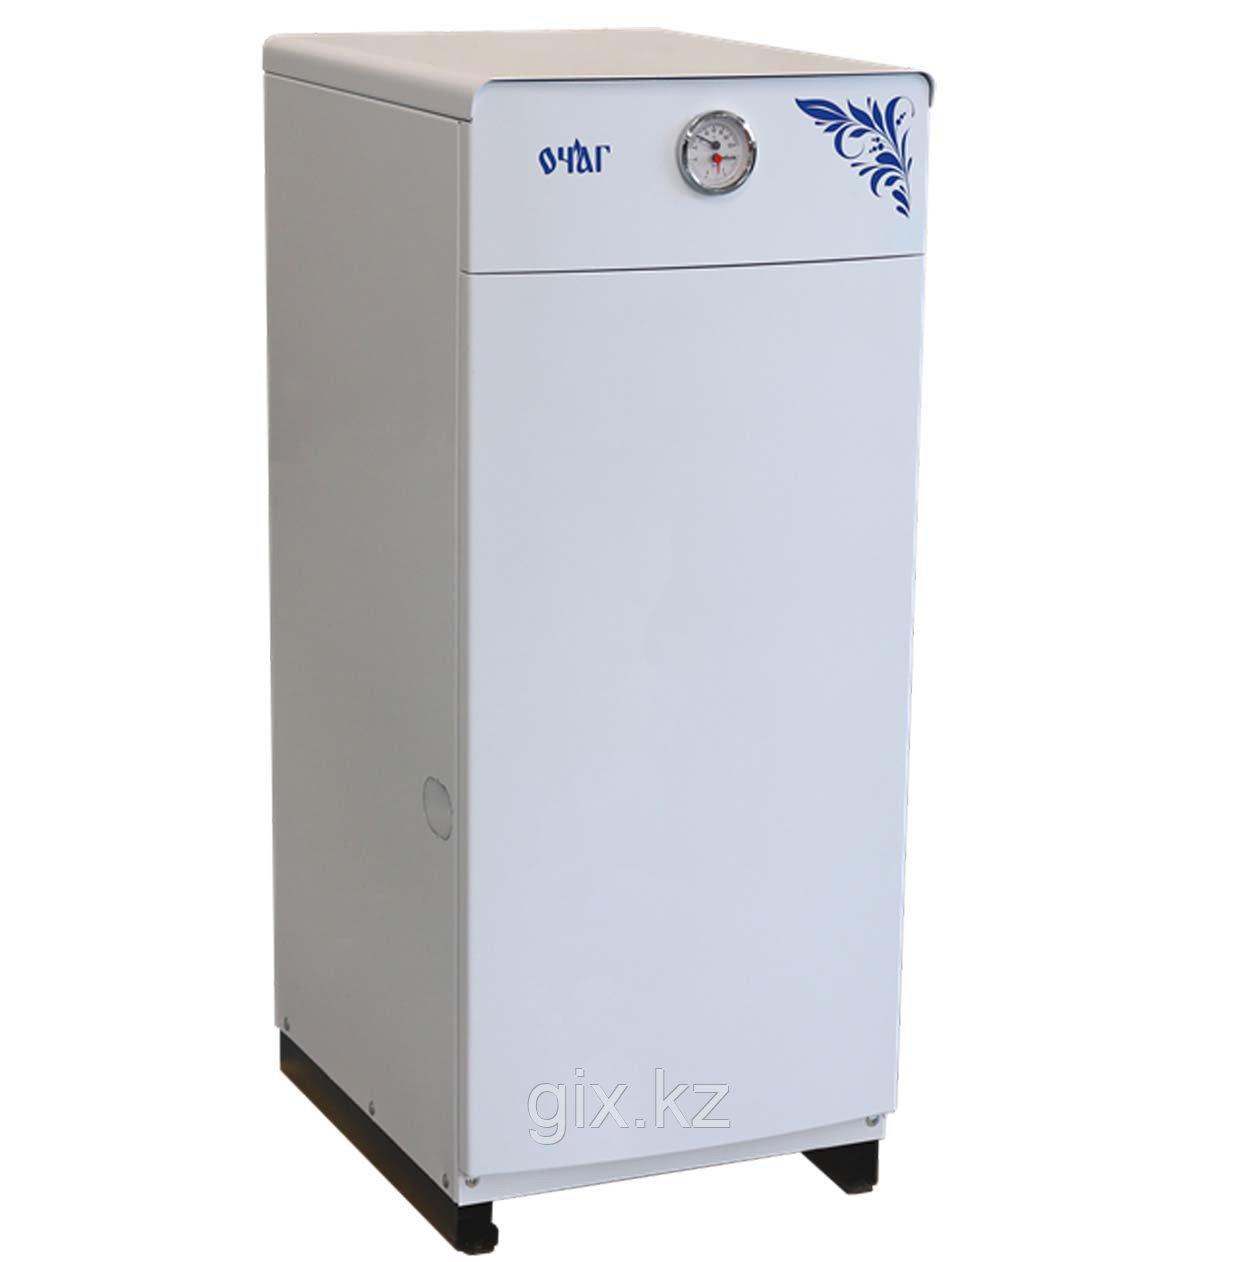 """АОГВ - 11.6E """"Очаг"""" Премиум (газовый клапан Sit630)"""